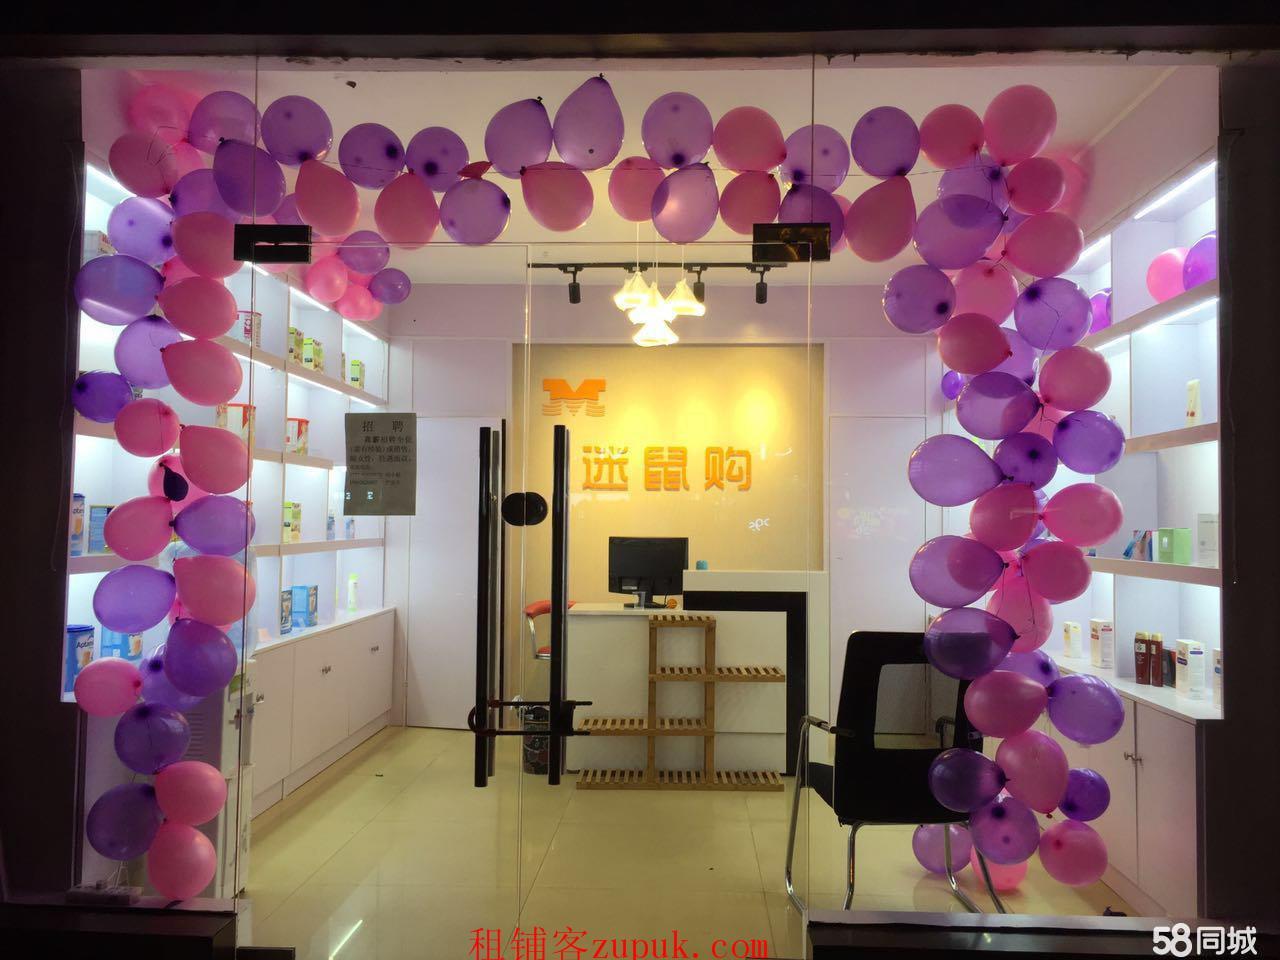 (转让) (个人信息)芙蓉锦泰广场临街旺铺转让底商生意转让